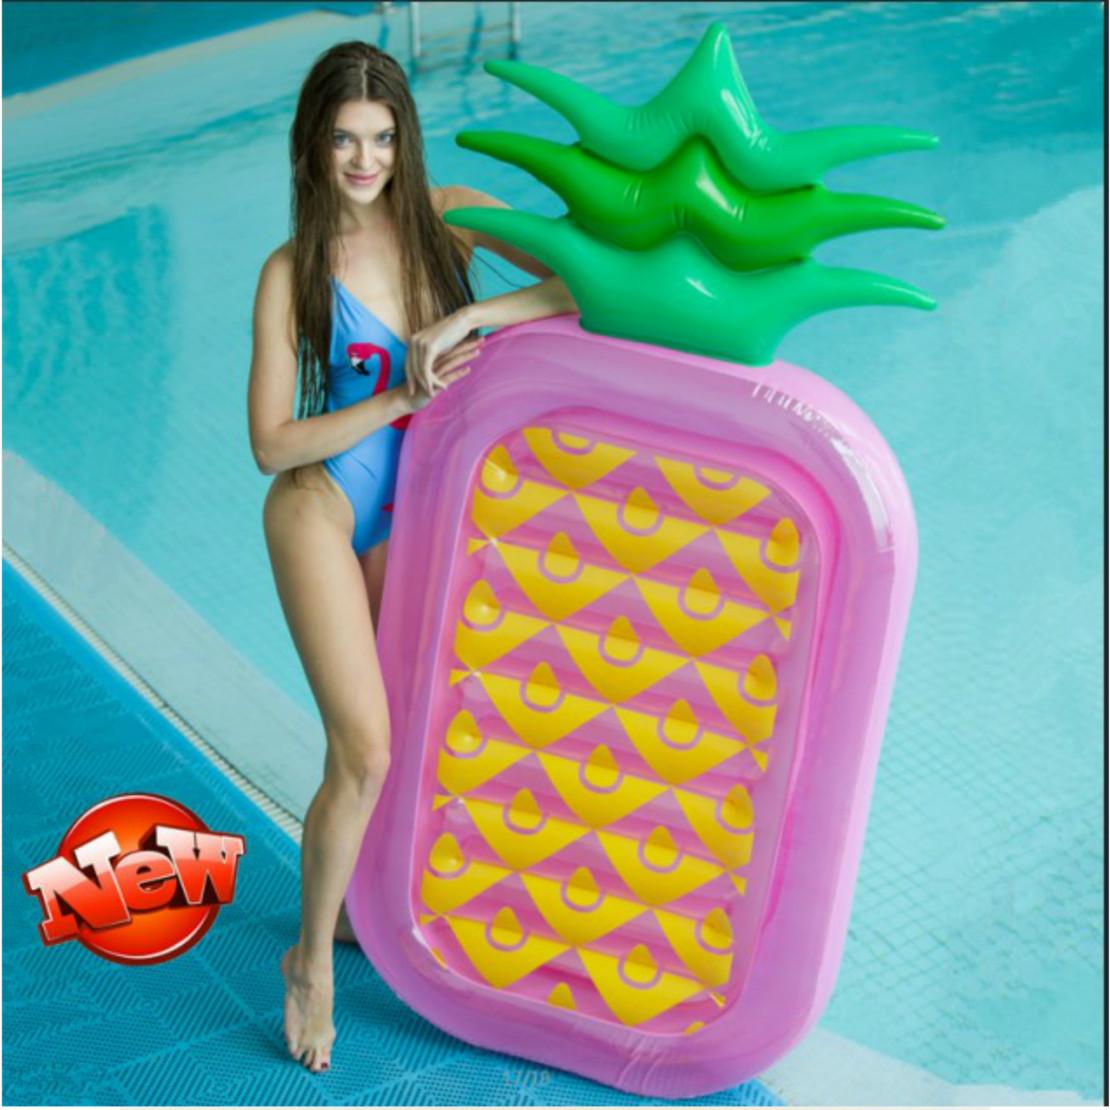 充氣成人兒童水上座騎座墊加厚雙色葉菠蘿浮排浮床游泳圈充氣床